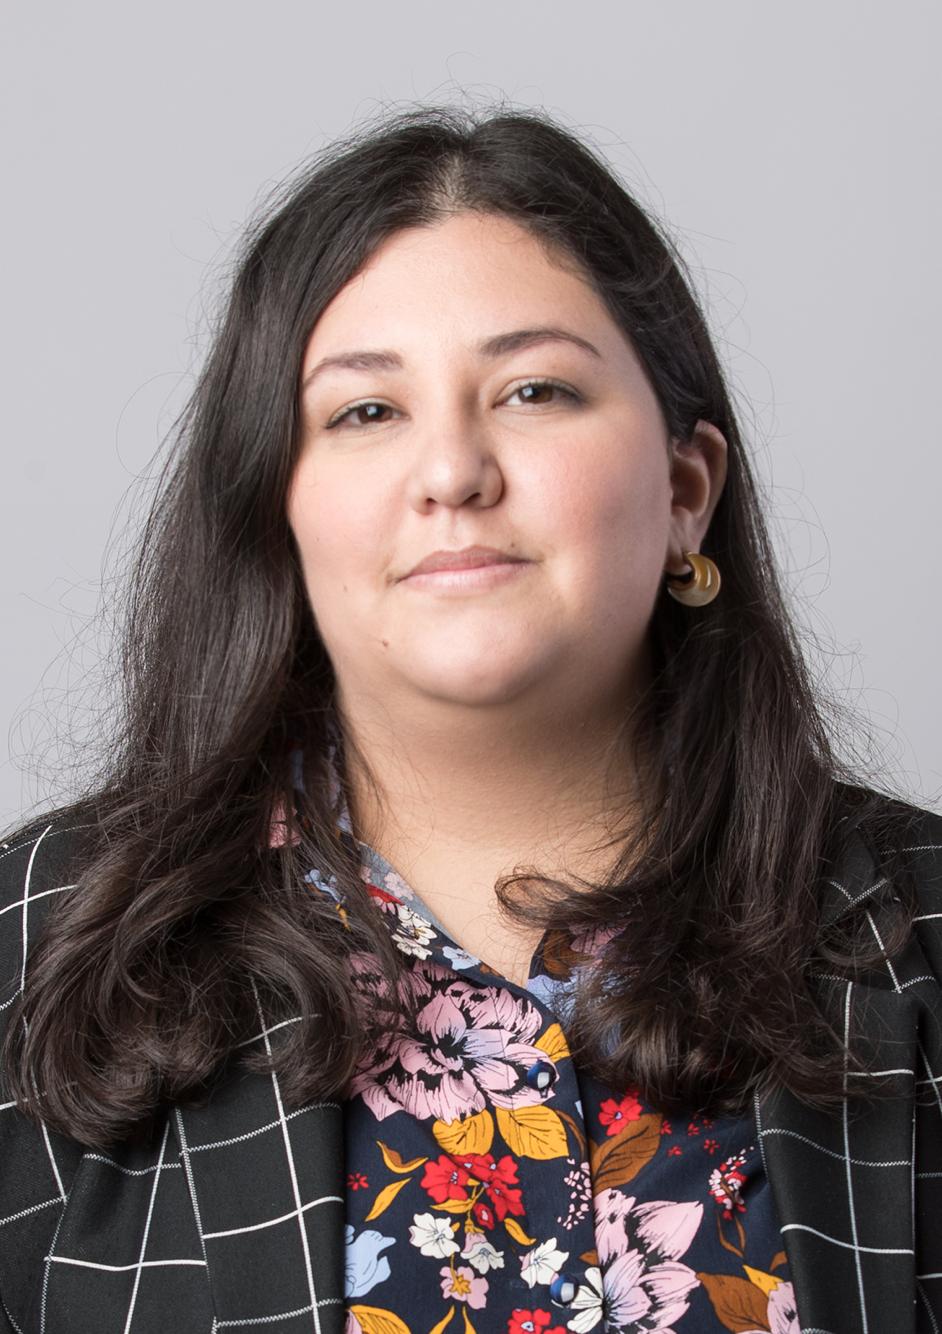 Lara Mendonca